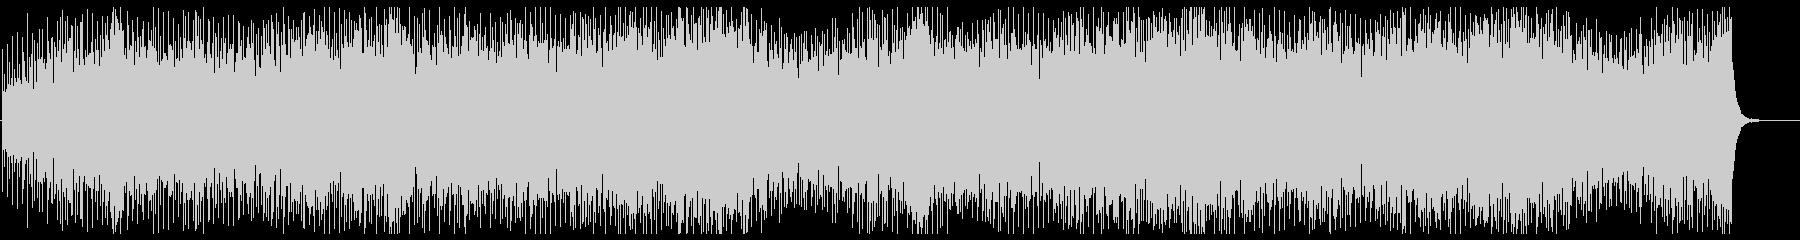 アップテンポのキラキラシンセサイザーの曲の未再生の波形